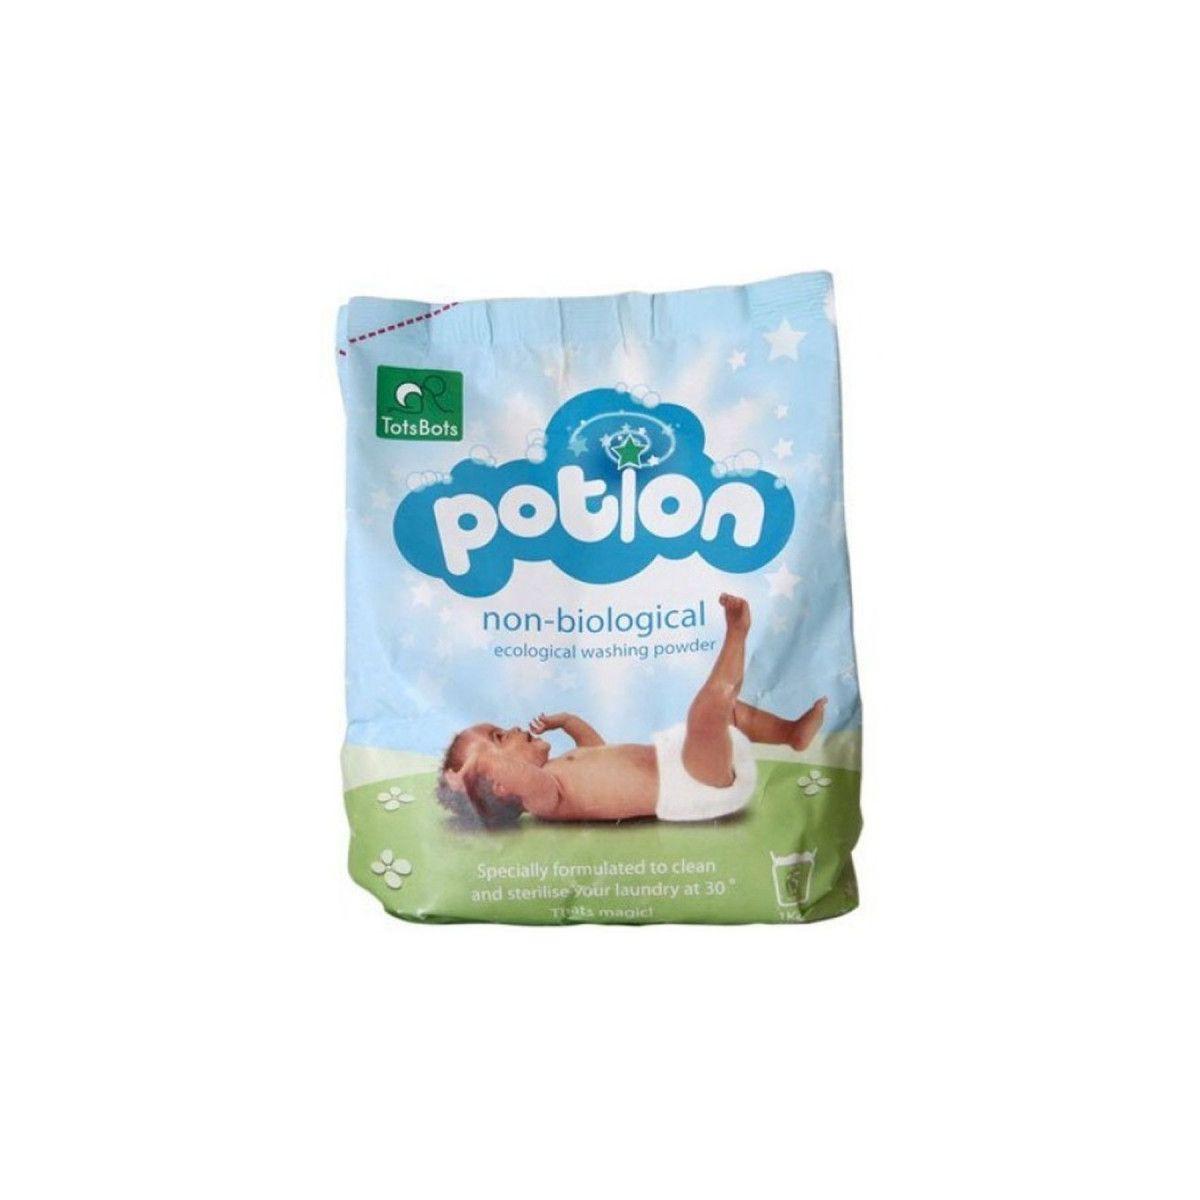 Lessive potion pour couches lavables sans parfum 1 kg sebio - Lessive couches lavables ...